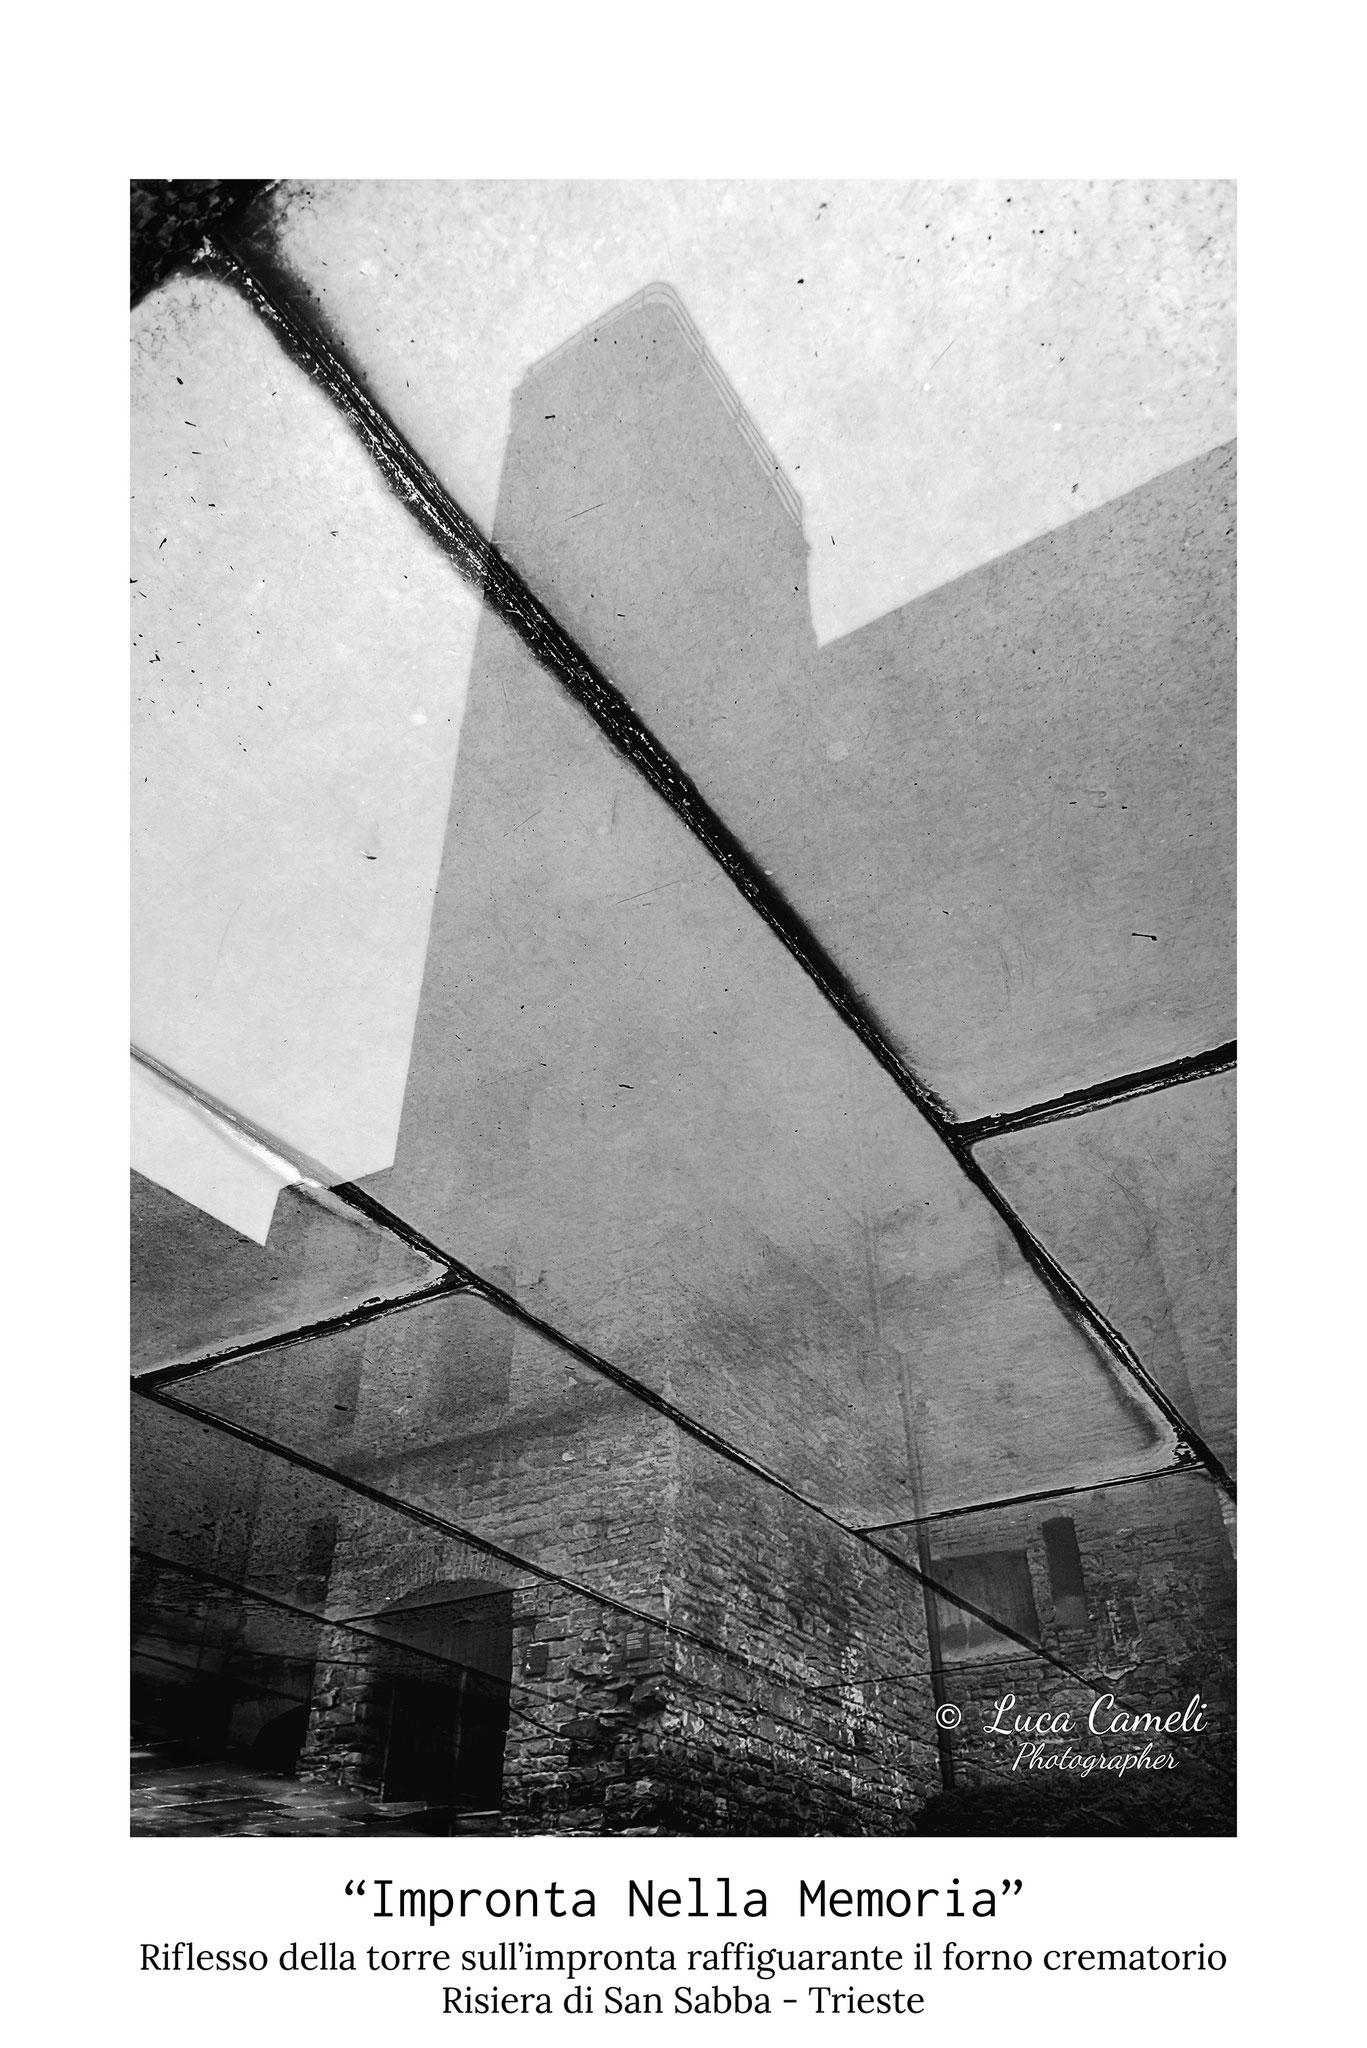 """""""Impronta Nella Memoria"""", Per Non Dimenticare: Risiera di San Sabba - Trieste. © Luca Cameli Photographer"""